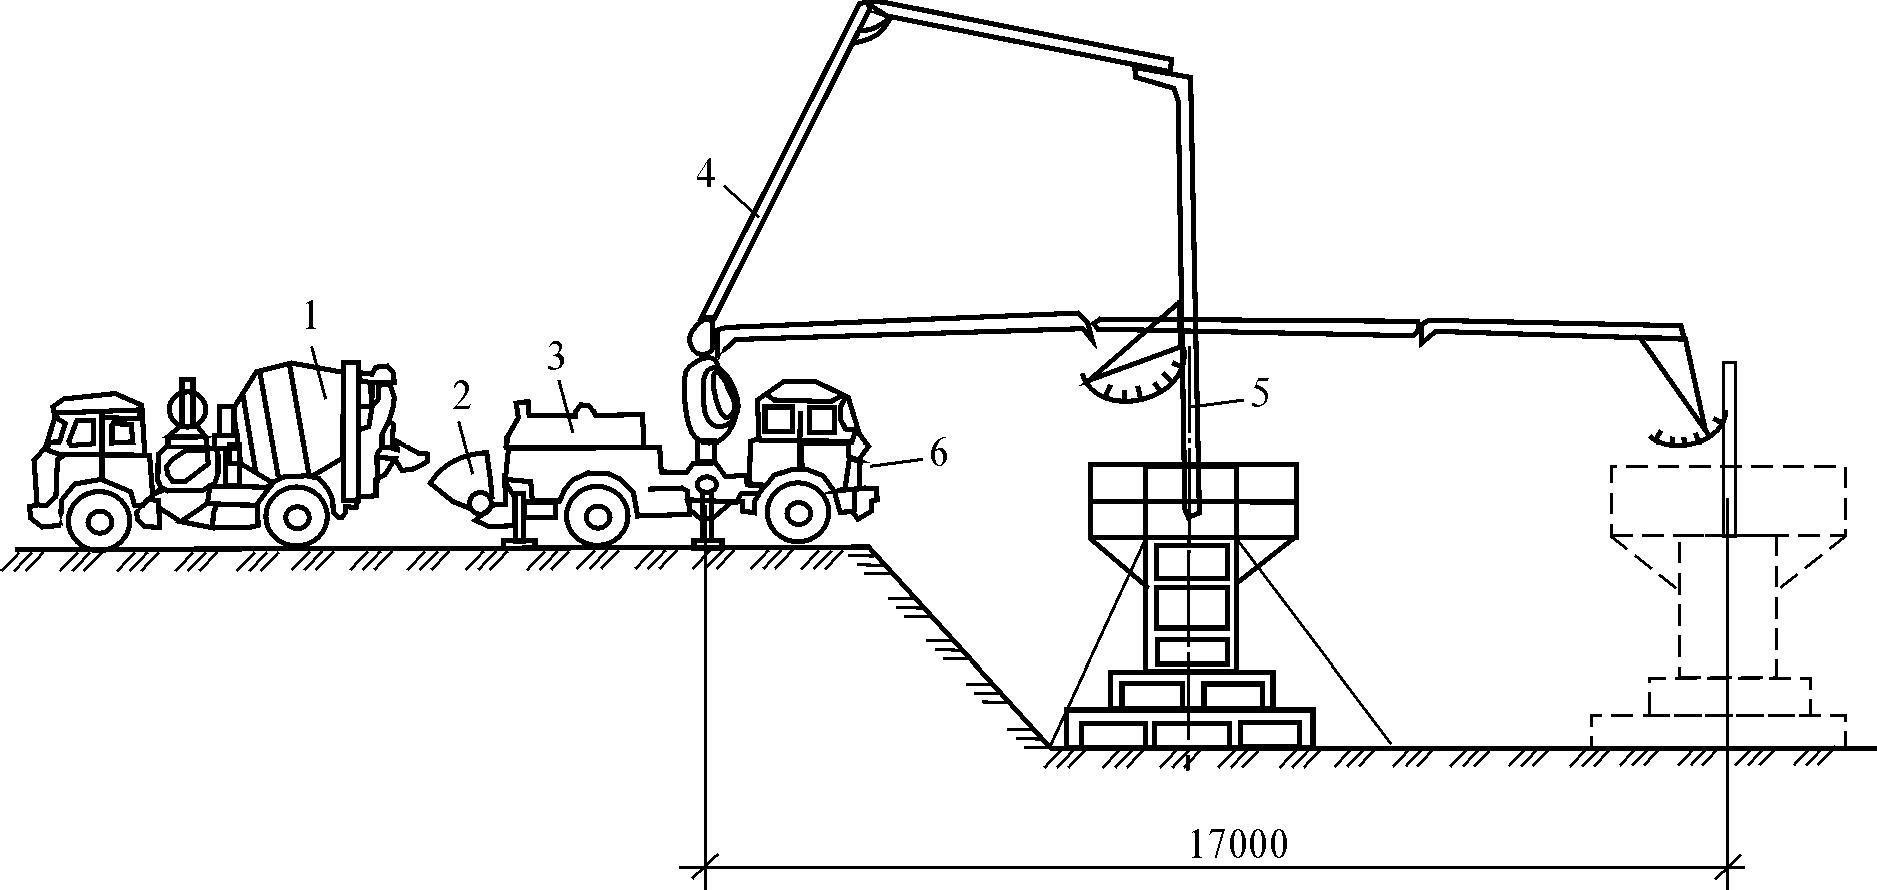 Подача бетонной смеси автобетононасосом